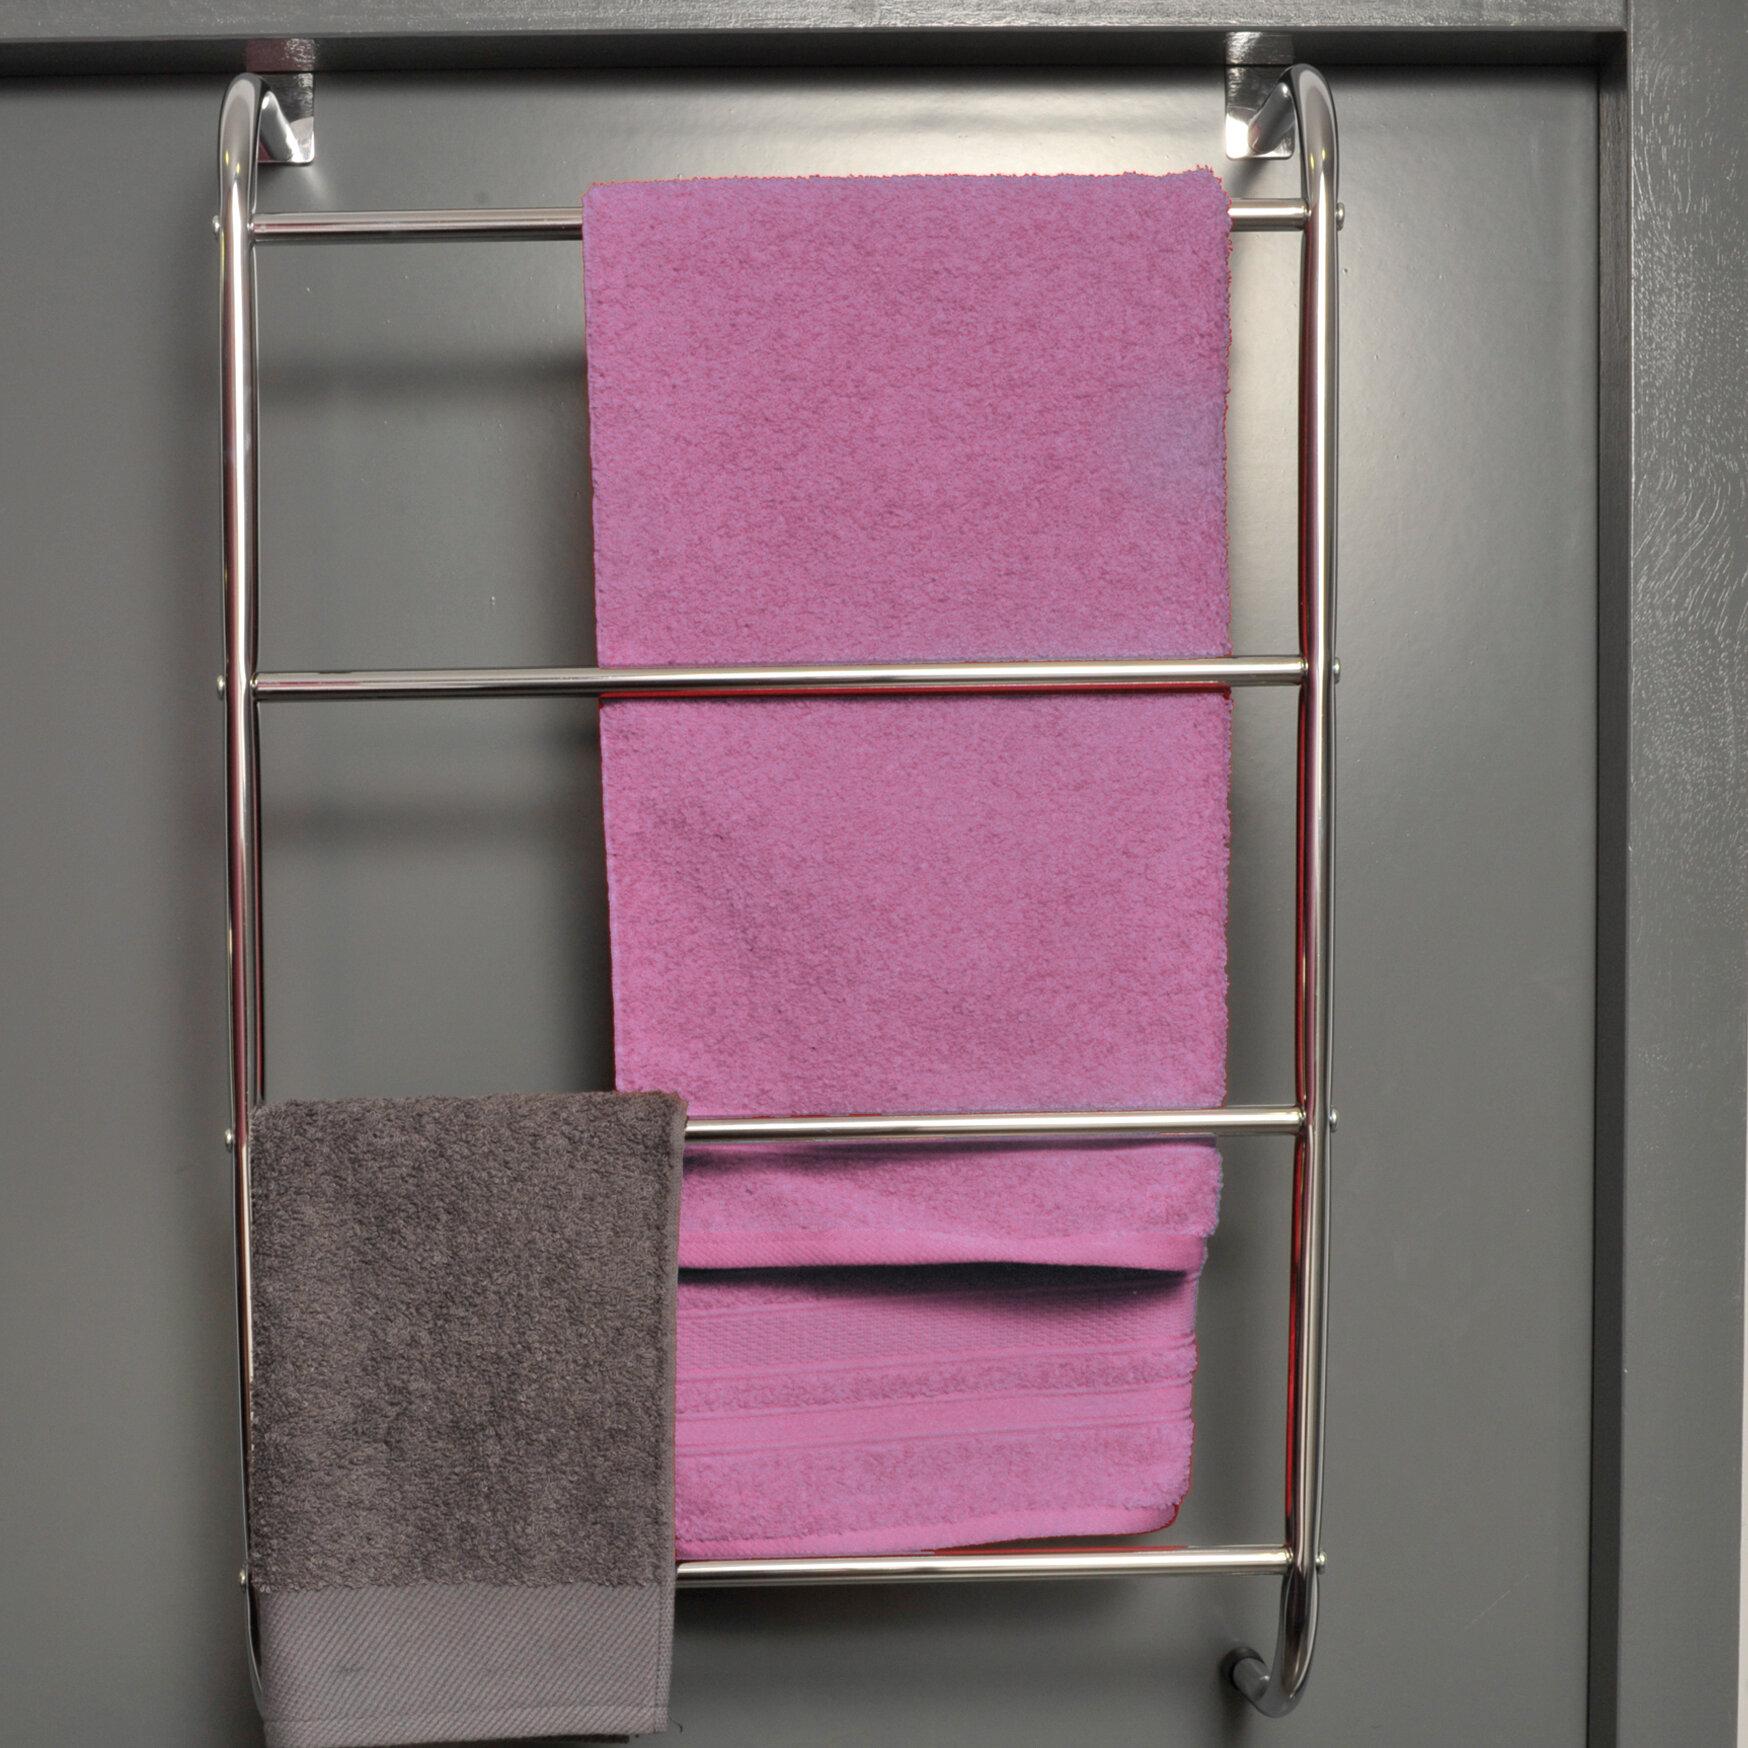 Evideco Four Bar Over The Door Towel Rack U0026 Reviews | Wayfair